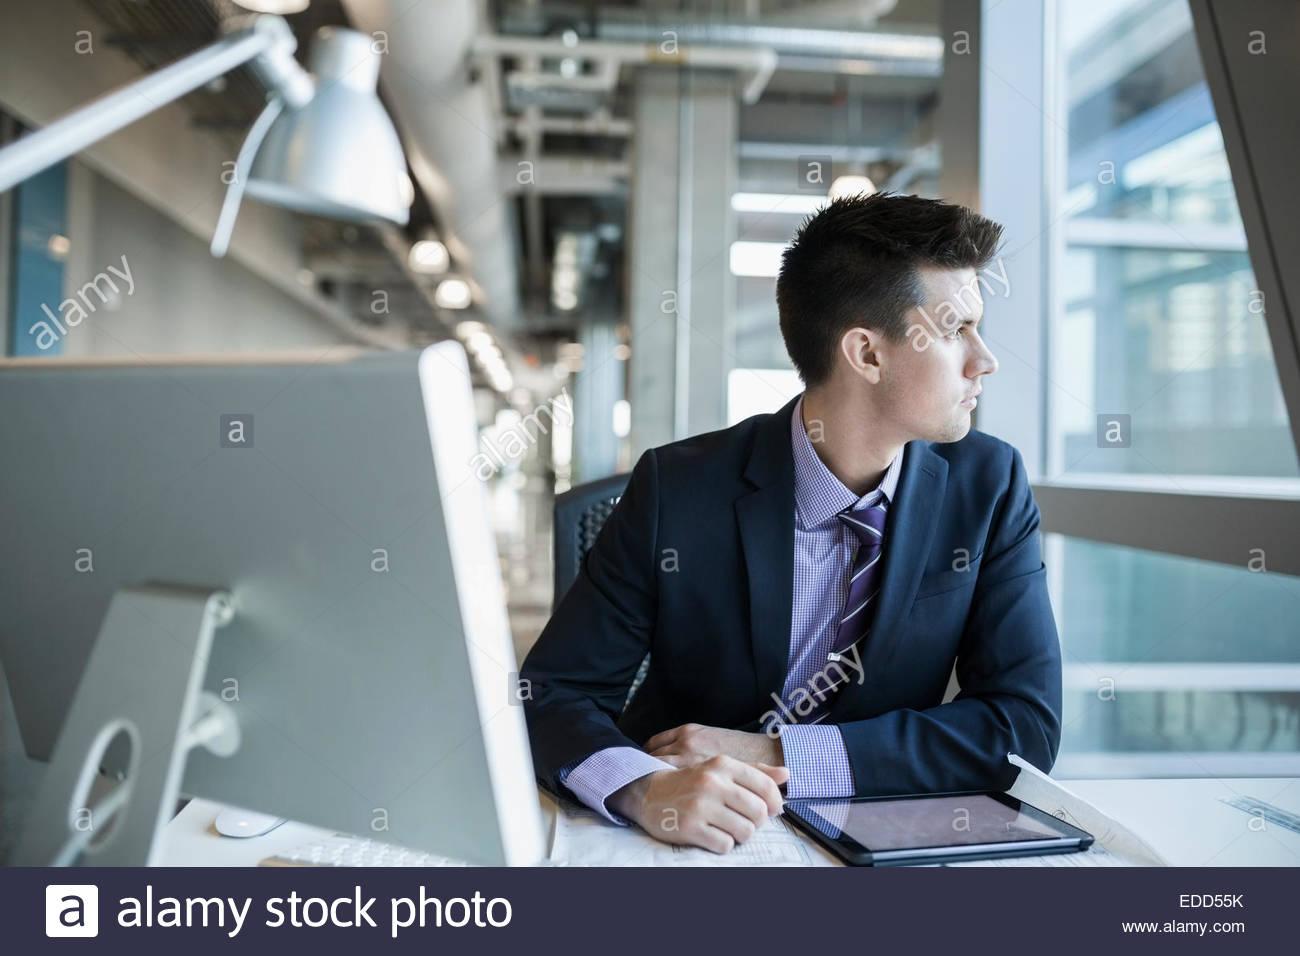 Empresario pensativo mirando hacia afuera de la ventana Imagen De Stock